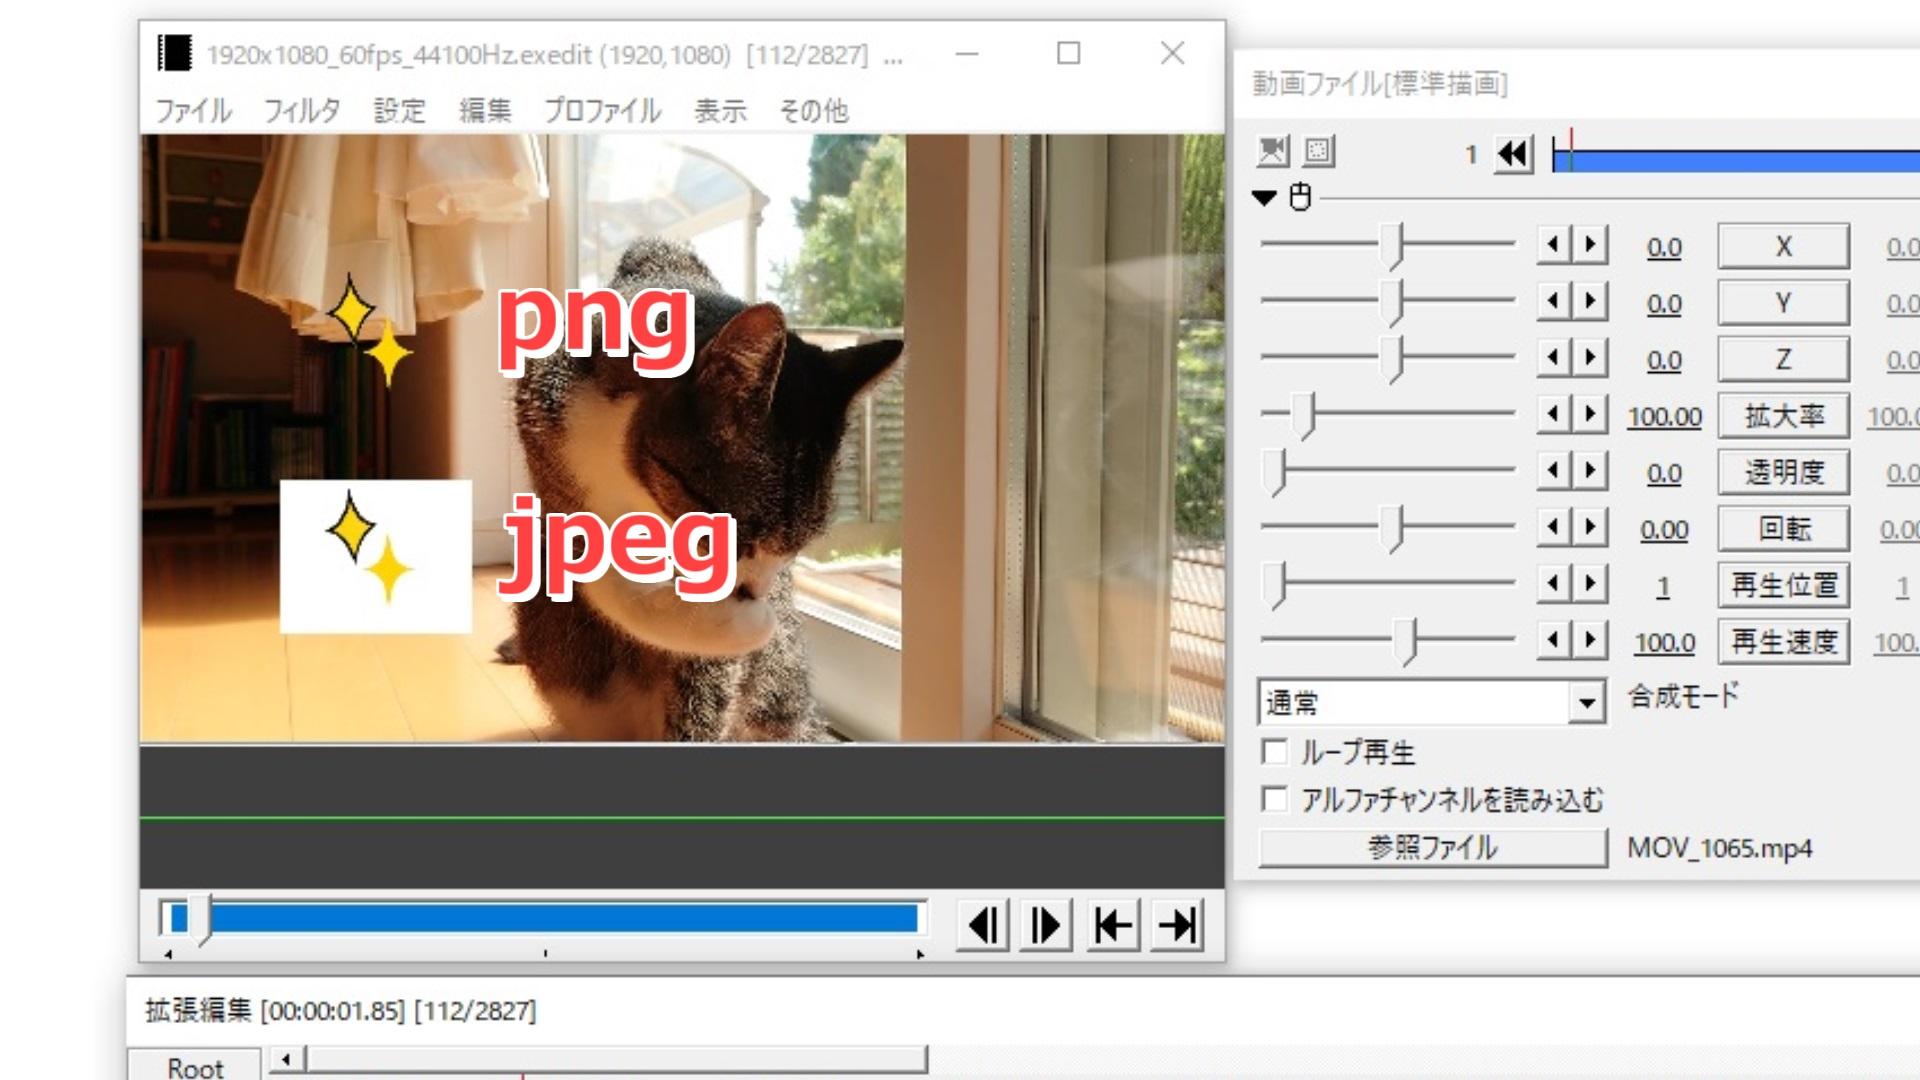 画像で注意したいのは拡張子です。pngは画像の背景が無いですが、jpegは背景が白抜きになります。基本的にイラストなどの画像はpngにしておきましょう。